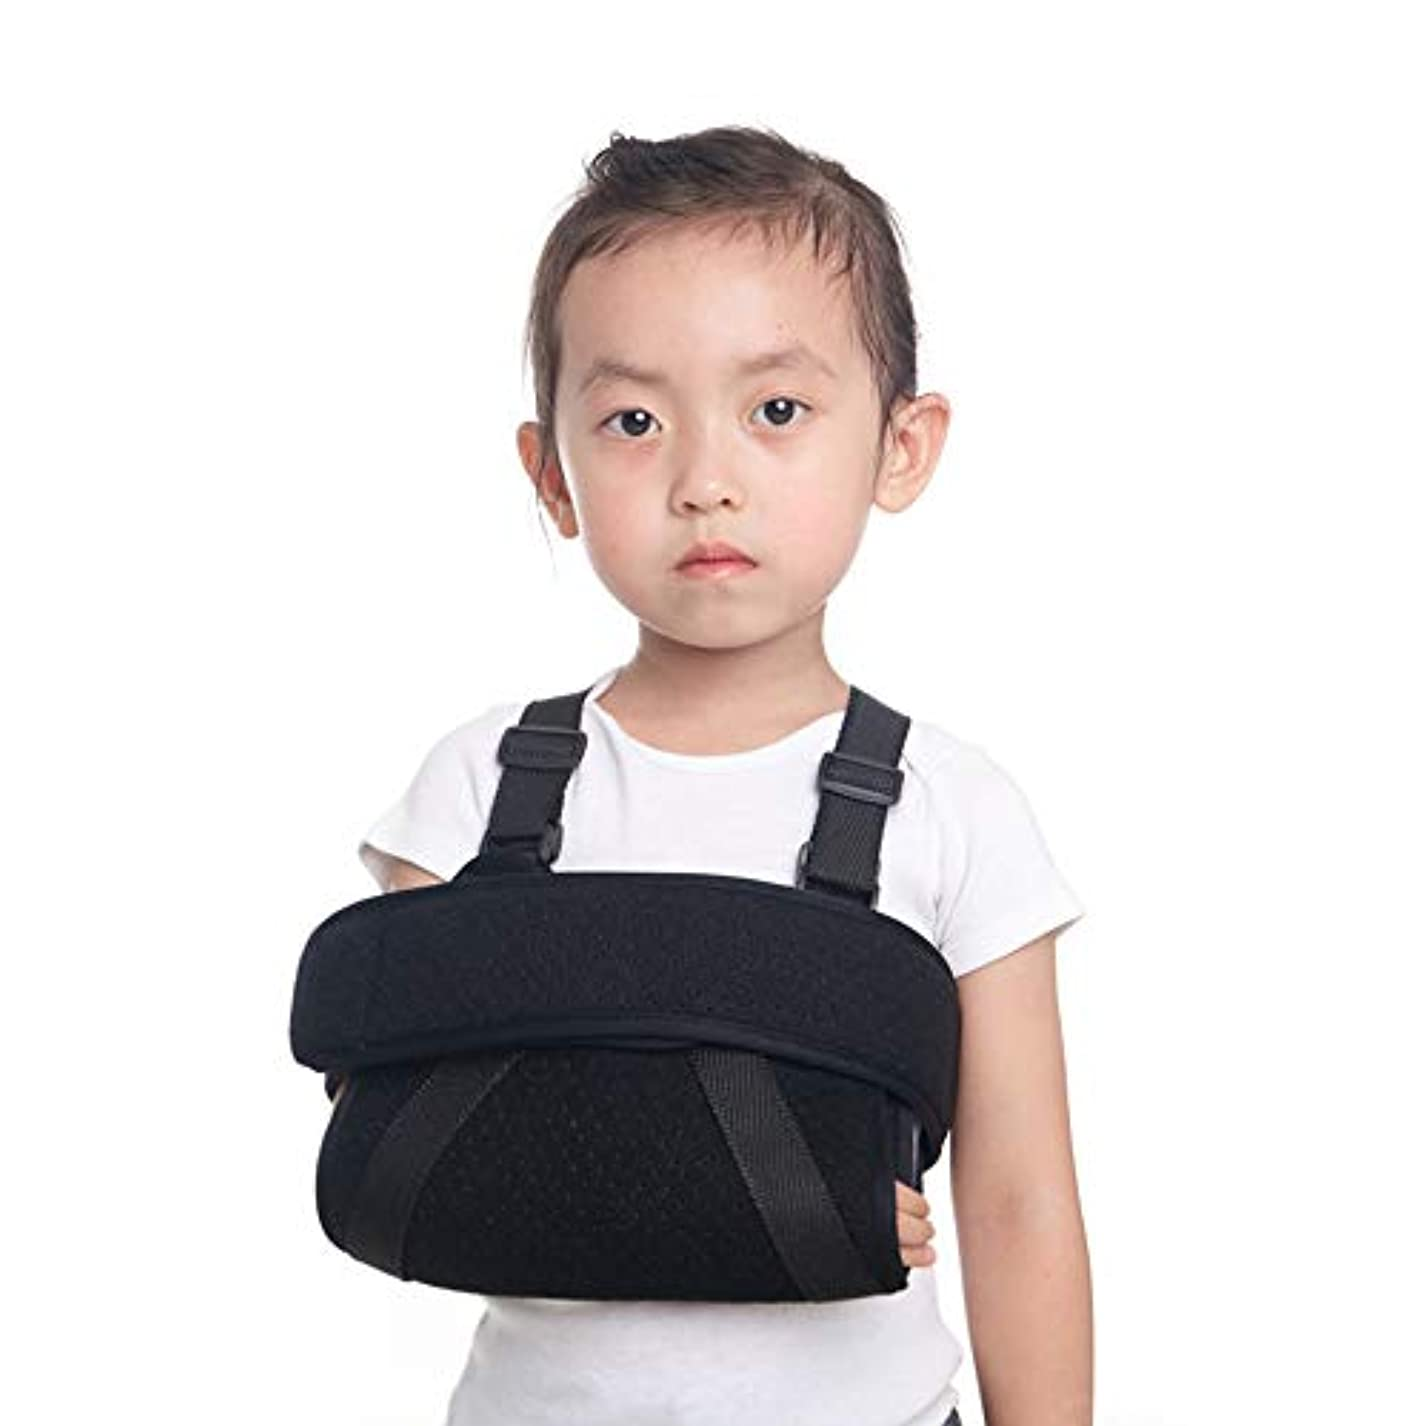 キャンバス達成する流キッズフラクチャリングスリング、アームエルボーフラクチャ固定ブレース、6-10歳の子供の 手首脱臼保護サポート,S